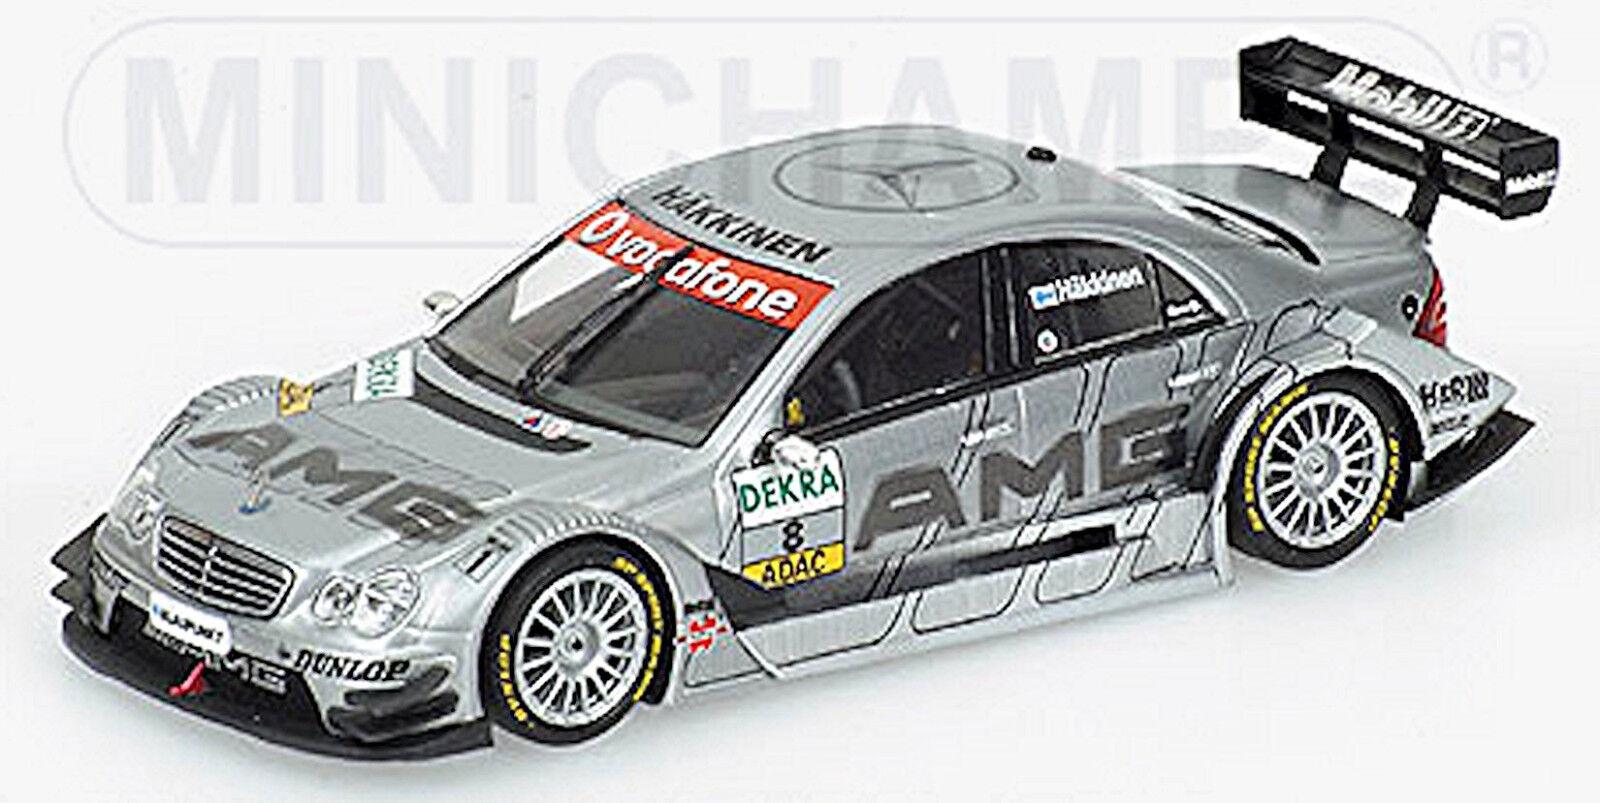 Mercedes C Classe  DTM 2006 Häkkinen  8 Équipe AMG 1 43 minichamps  approvisionnement direct des fabricants